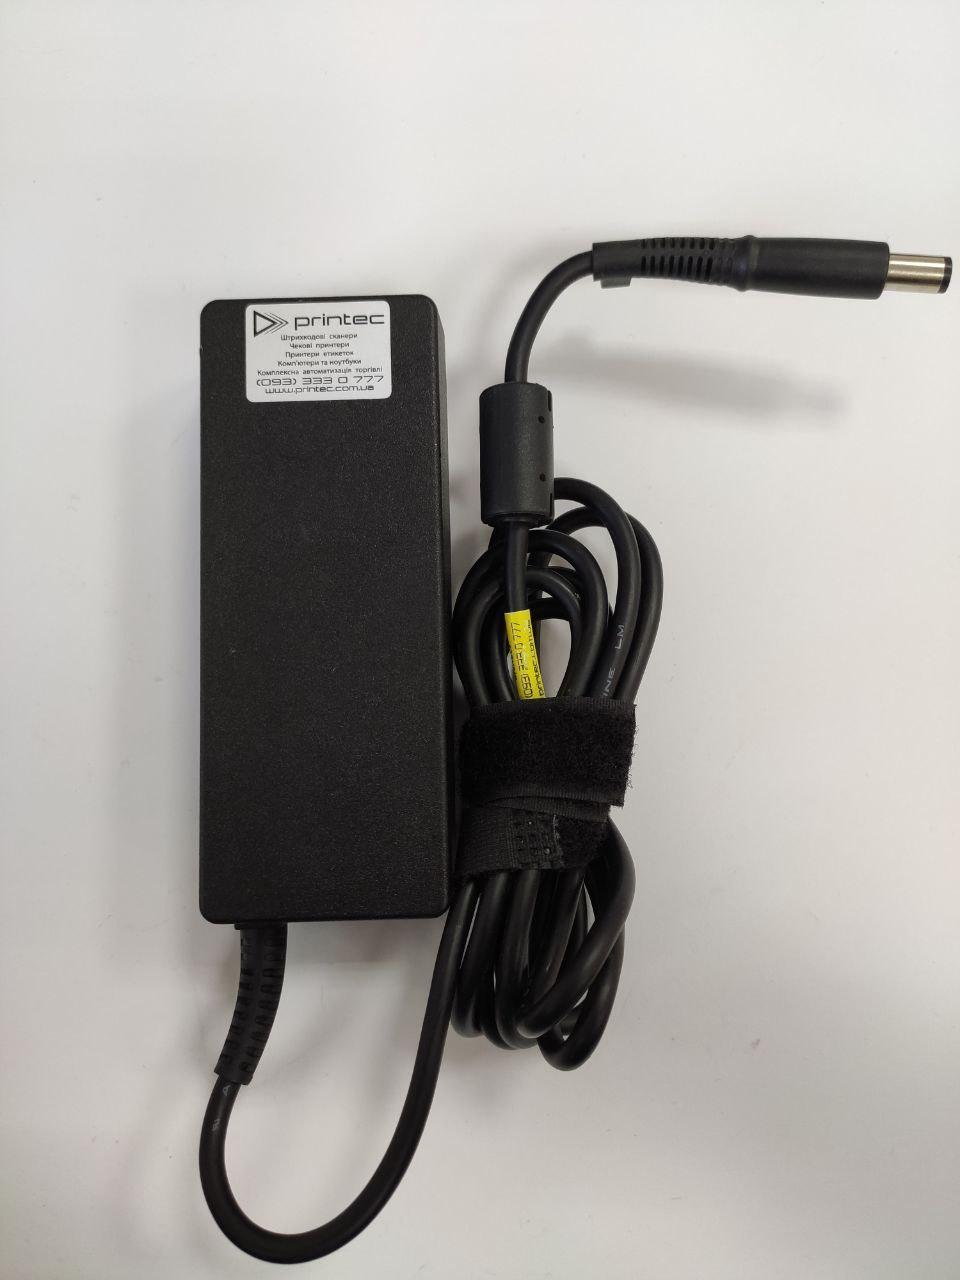 Блок питания HP hewlett packard  PPP012H-S / PPP012L-S 19V 4.74A 90W 7.4x5.0-PIN Power Supply